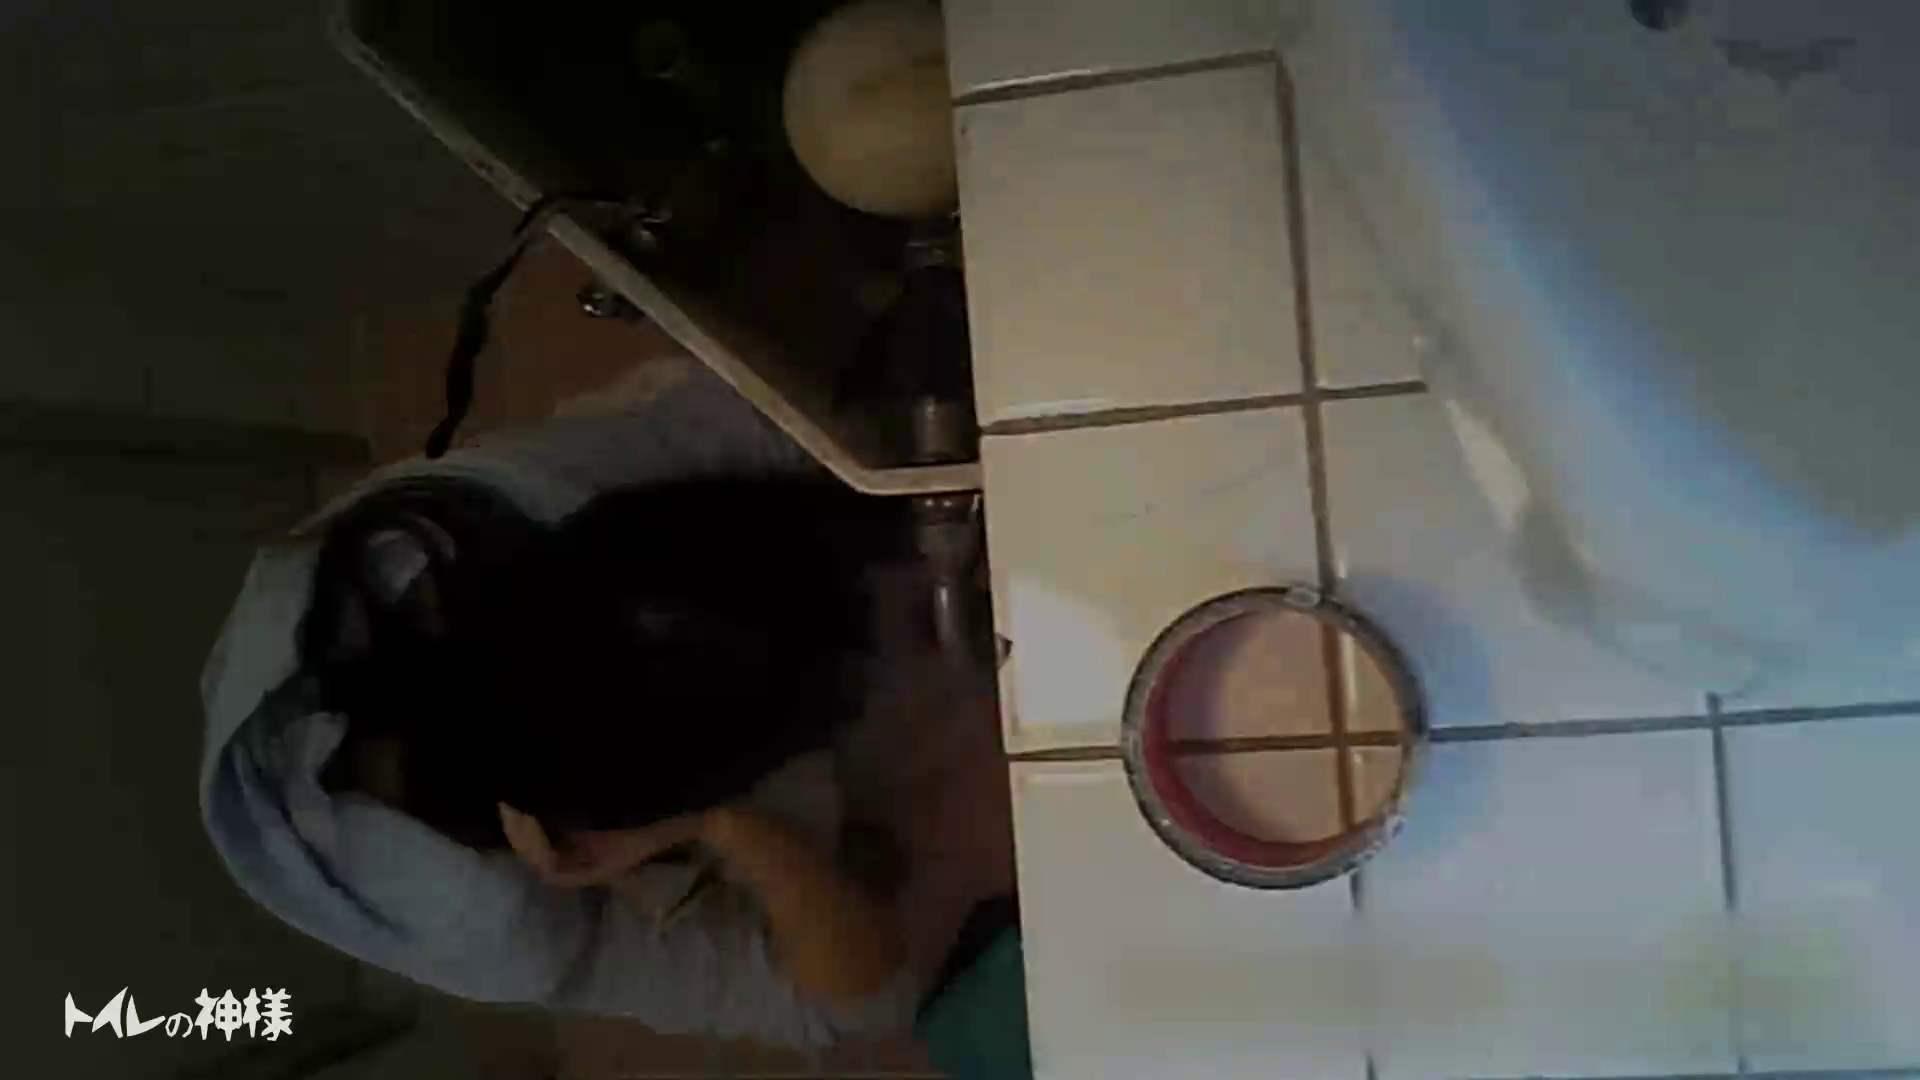 トイレの神様 Vol.10 お姉さんのSEX | 丸見え  75枚 55